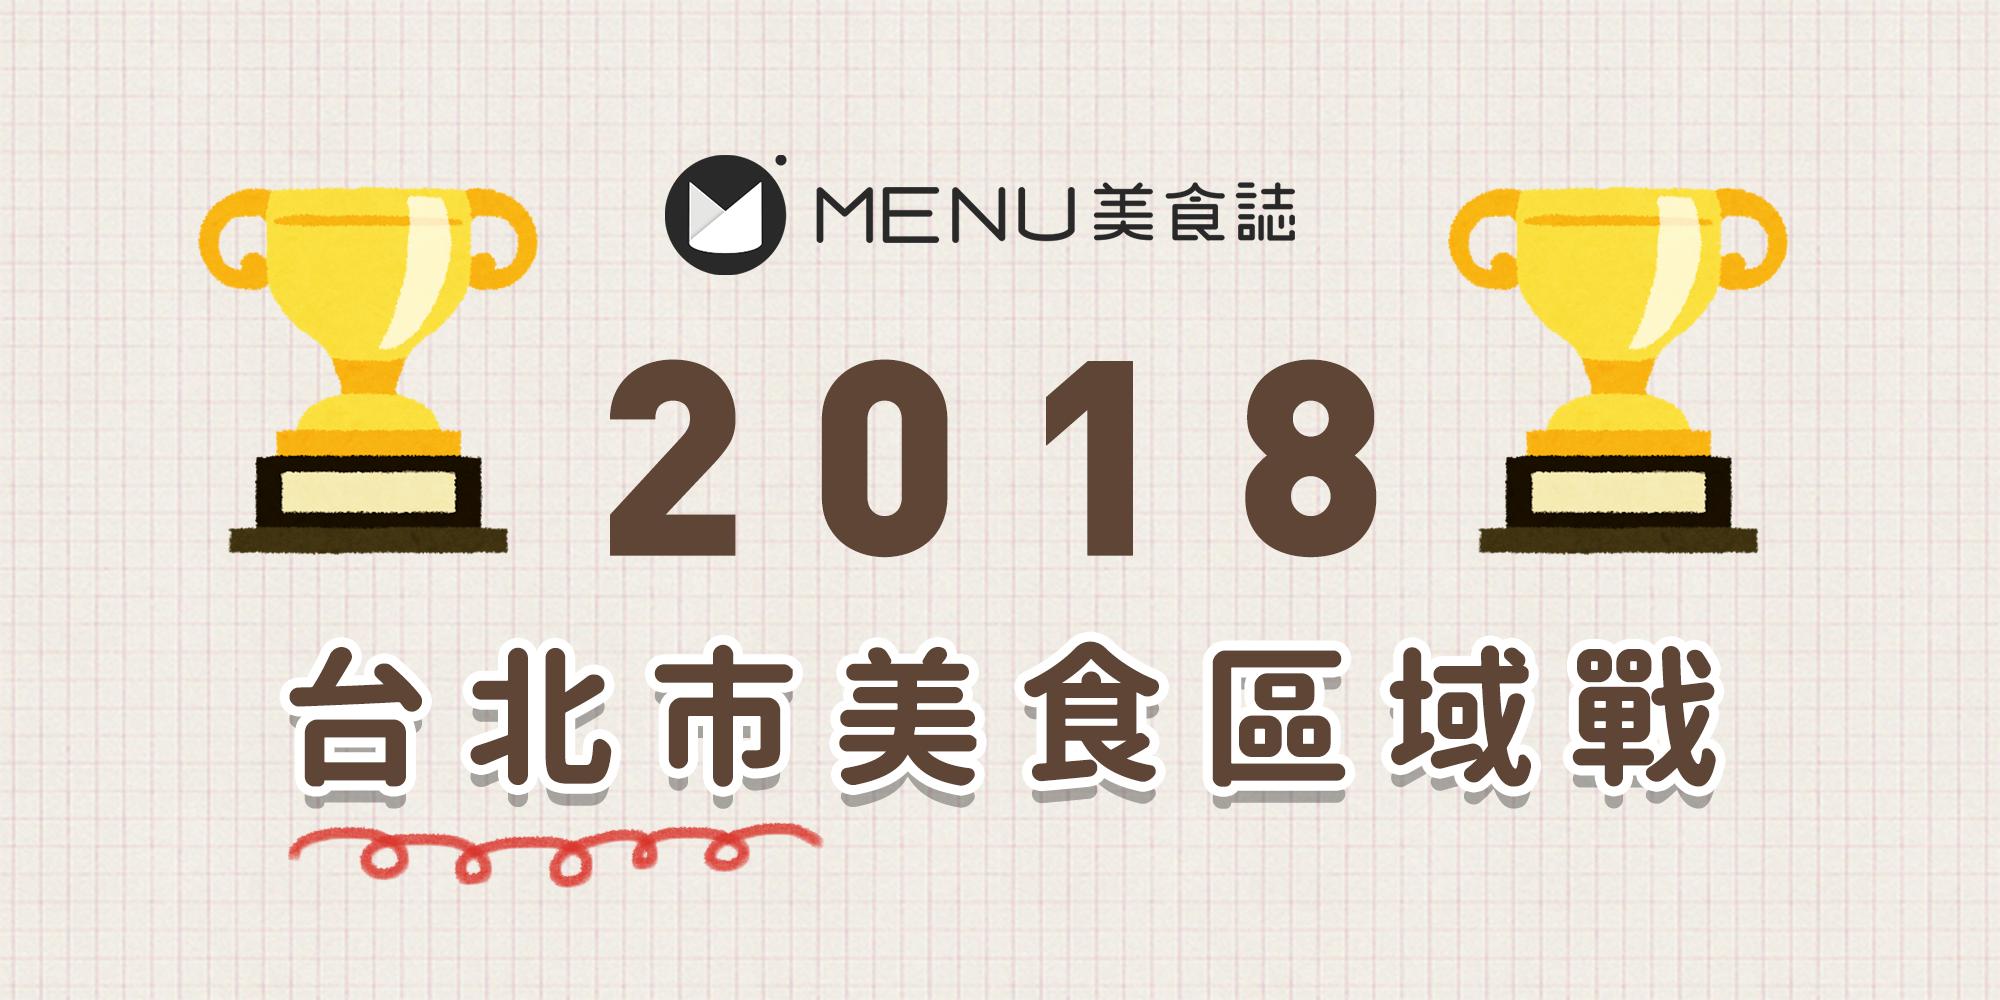 2018台北美食區域戰!台北市什麼料理最厲害?哪個地區最多美食?